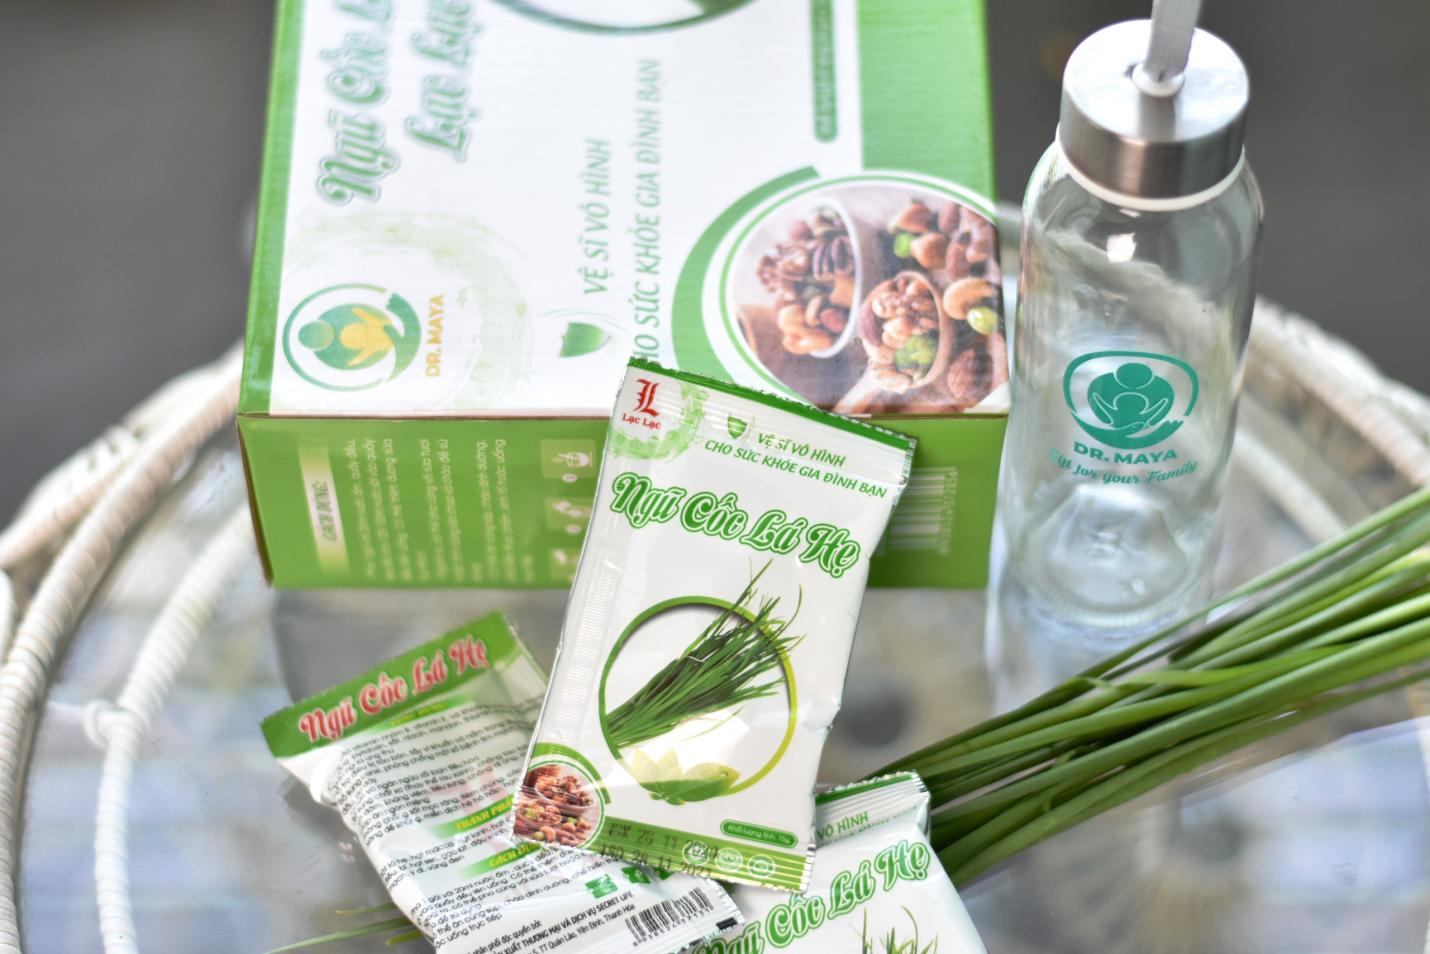 Công ty TNHH Sản xuất thương mại và Dịch vụ Secret Life ra mắt sản phẩm ngũ cốc lá hẹ lạc lạc – Nguồn dinh dưỡng từ thiên nhiên - Ảnh 3